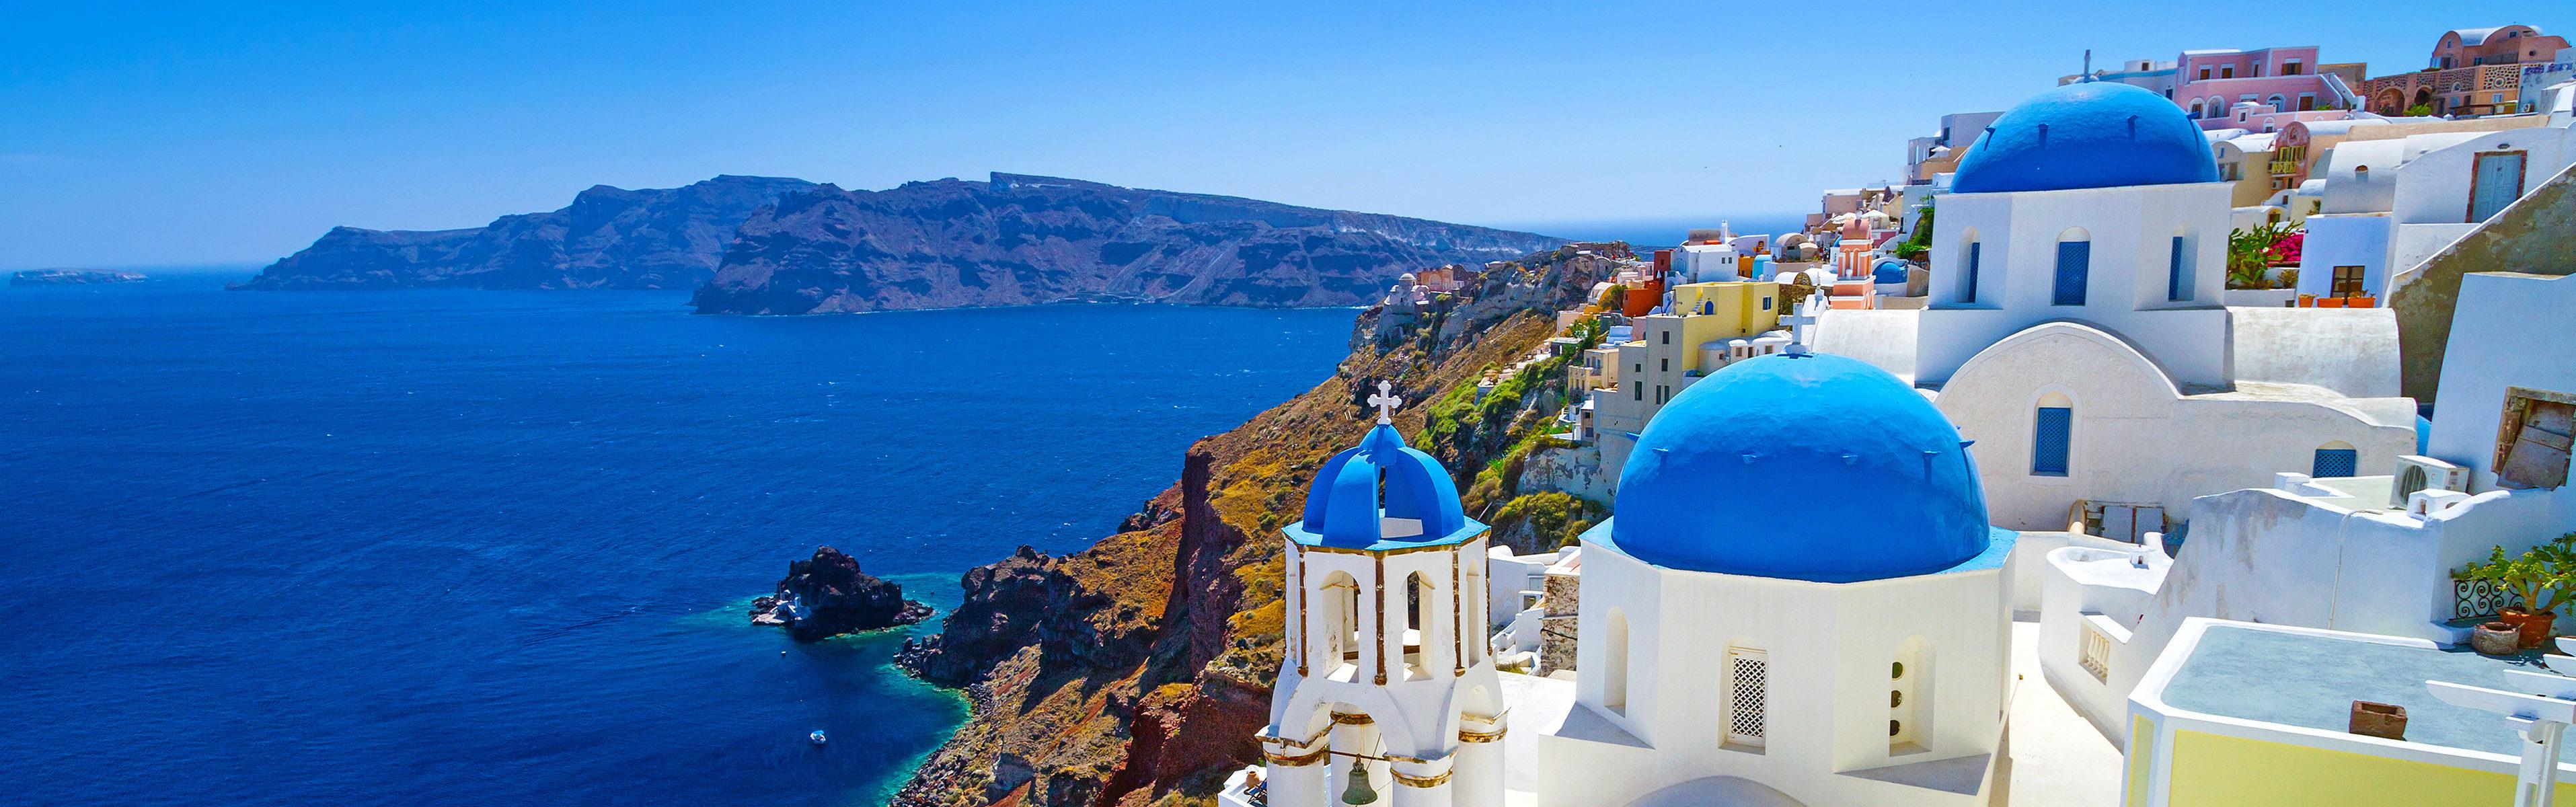 Горящие туры и путевки в Грецию, дешевые цены на отдых в Греции